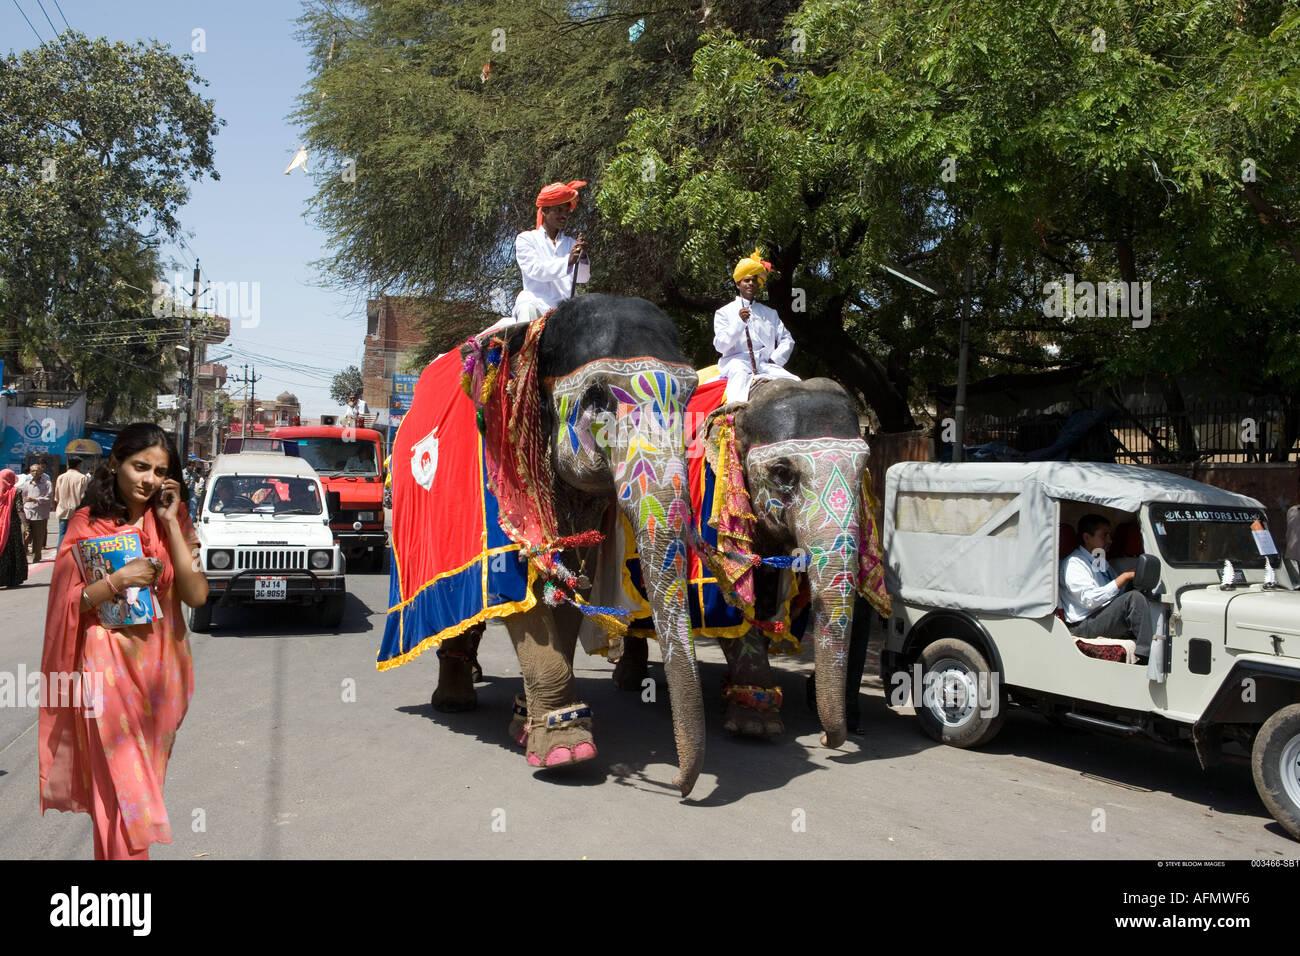 Les éléphants décorés pour le festival se déplaçant dans les rues de l'Inde Jaipur Banque D'Images